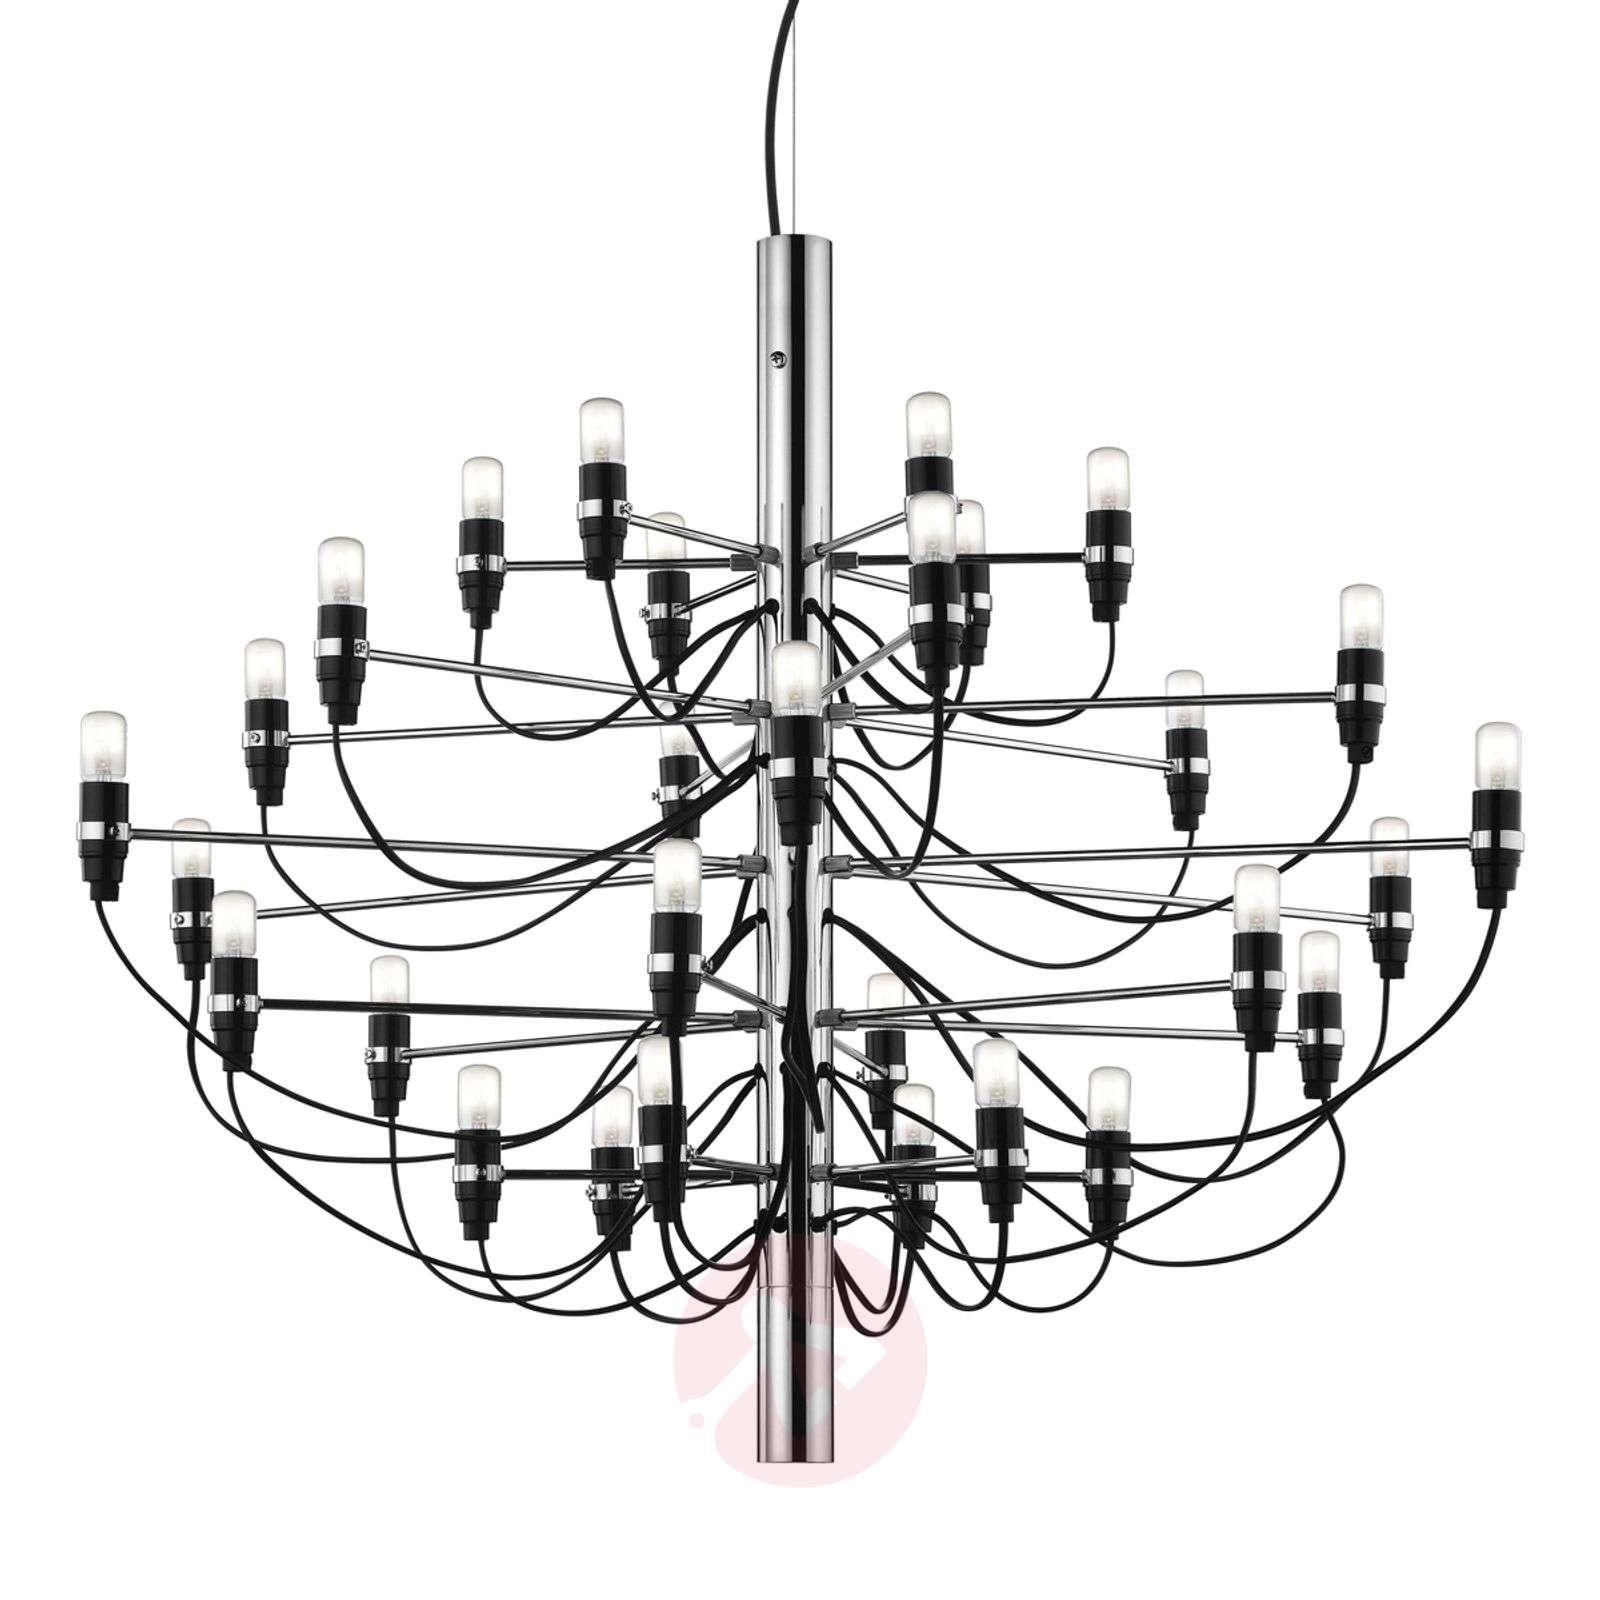 2097 50-lamppuinen kattokruunu, kromi-3510180-02